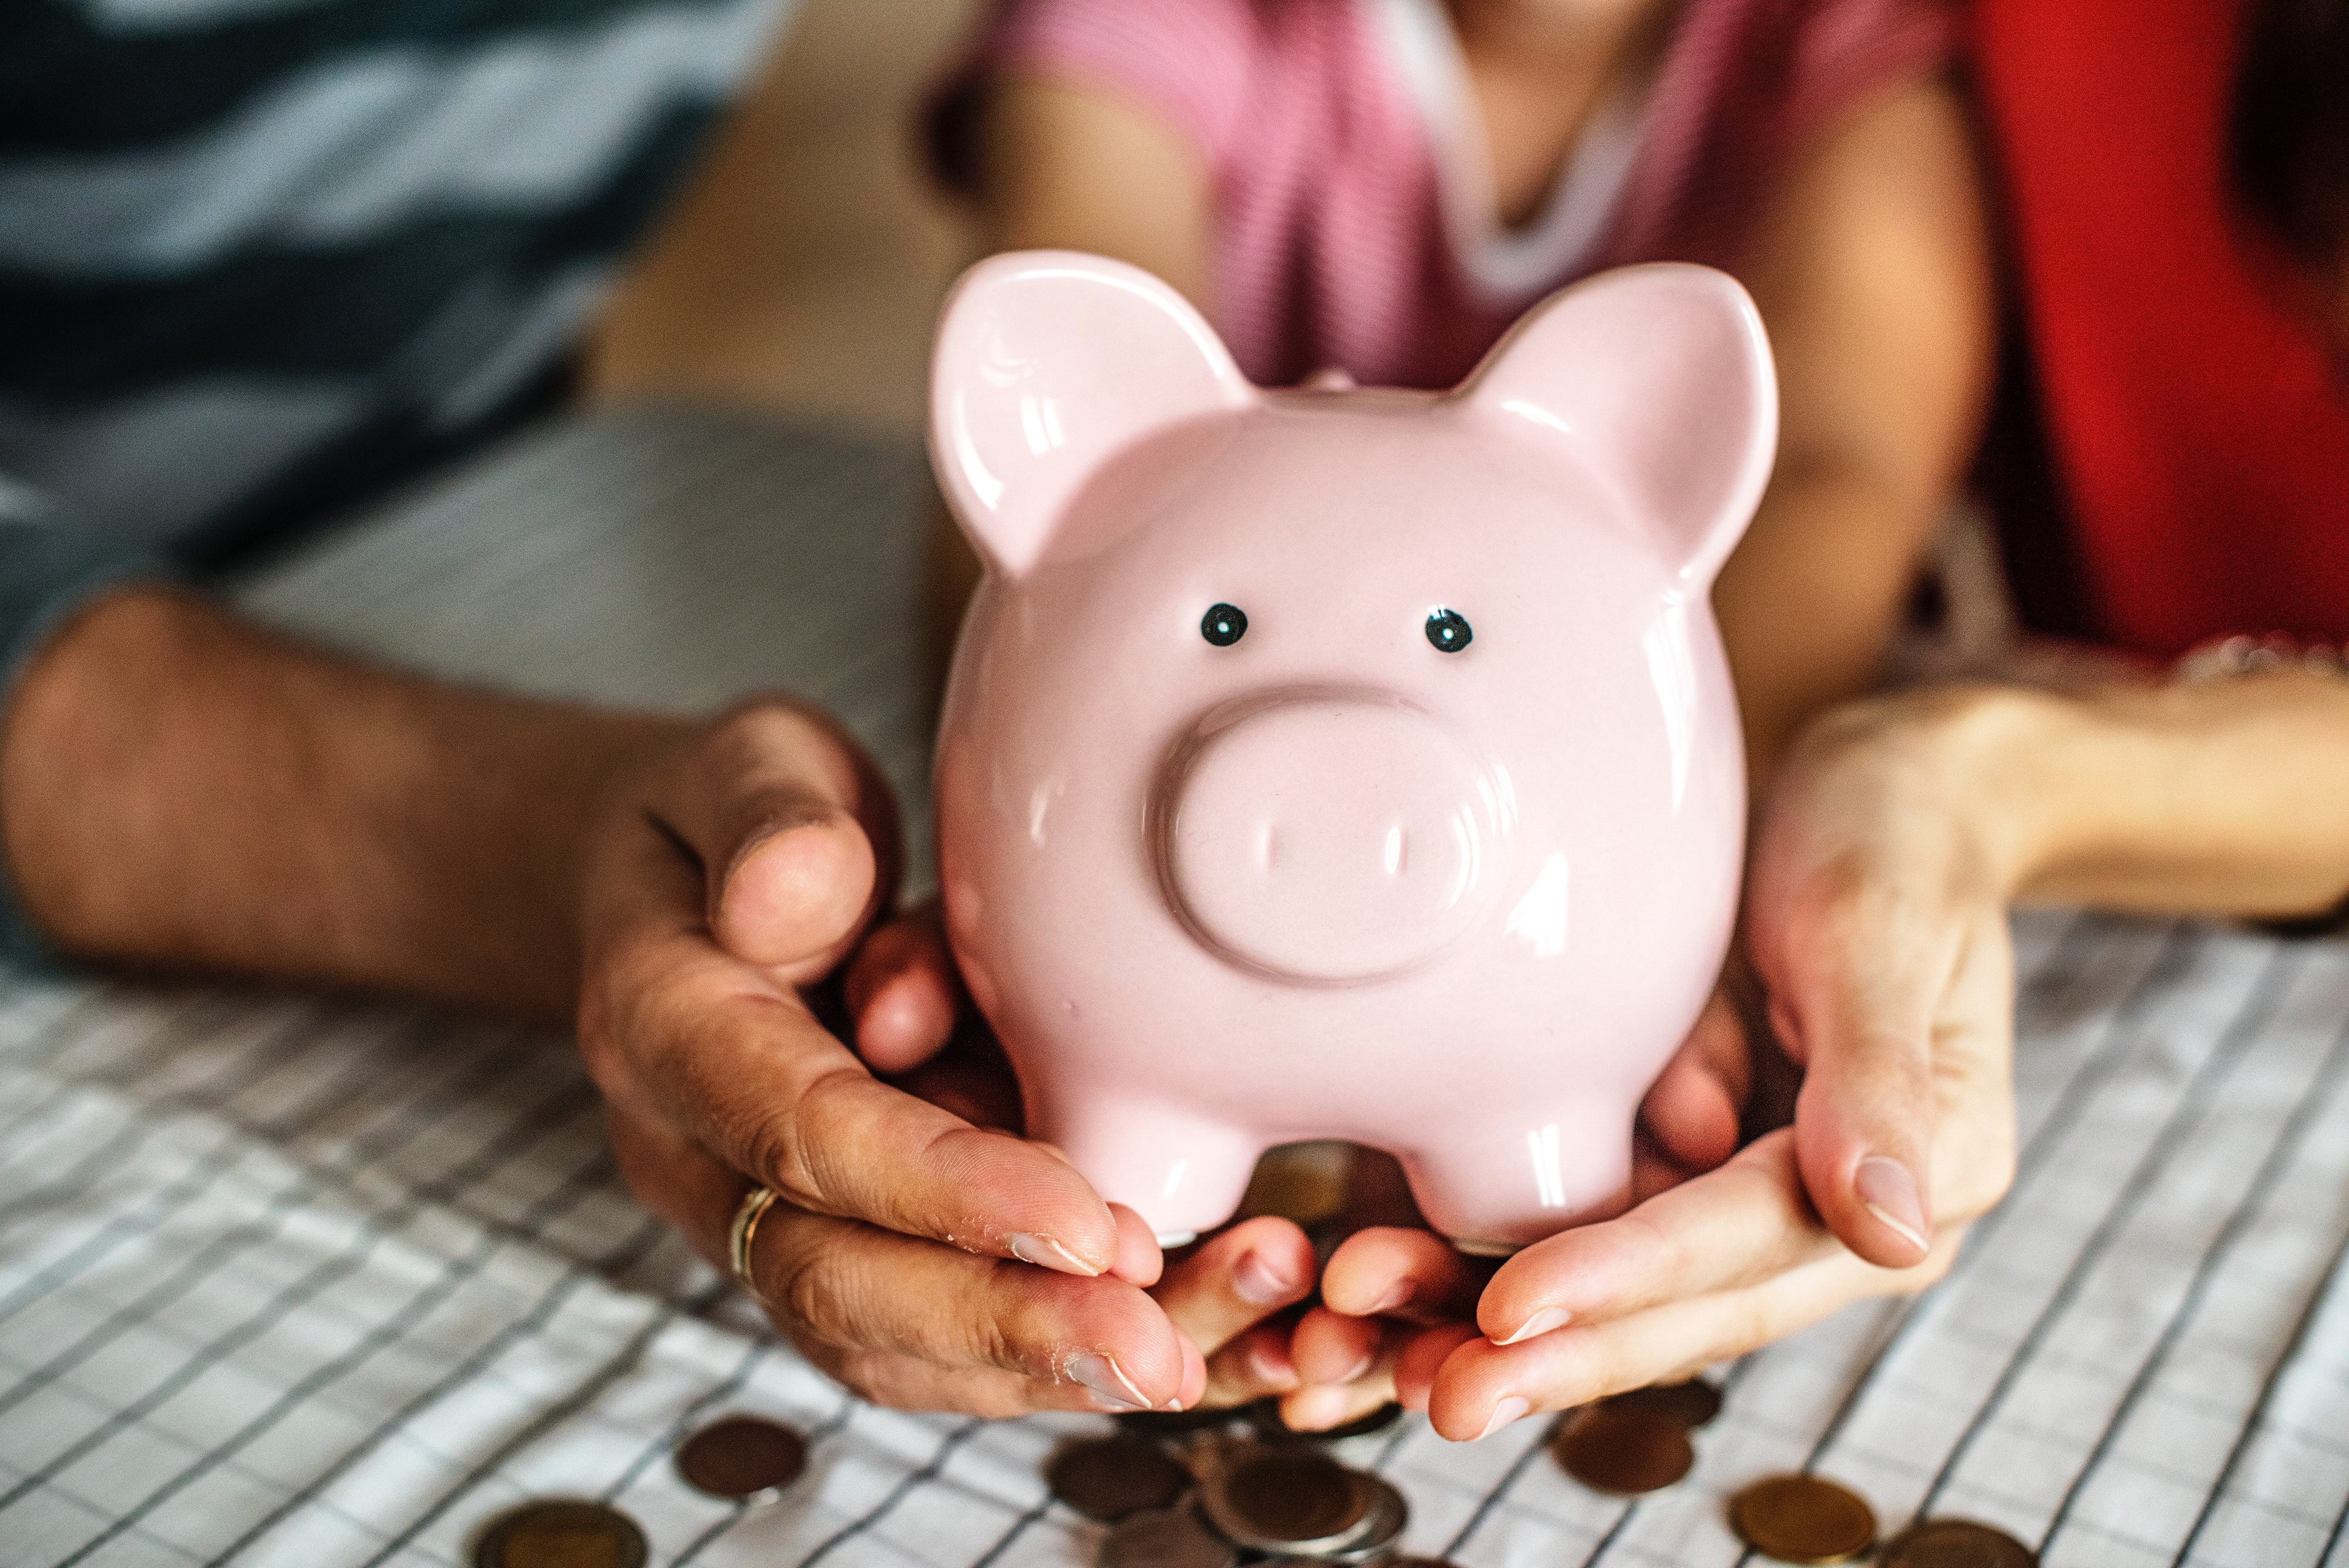 Bewerbungskosten Steuerlich Geltend Machen